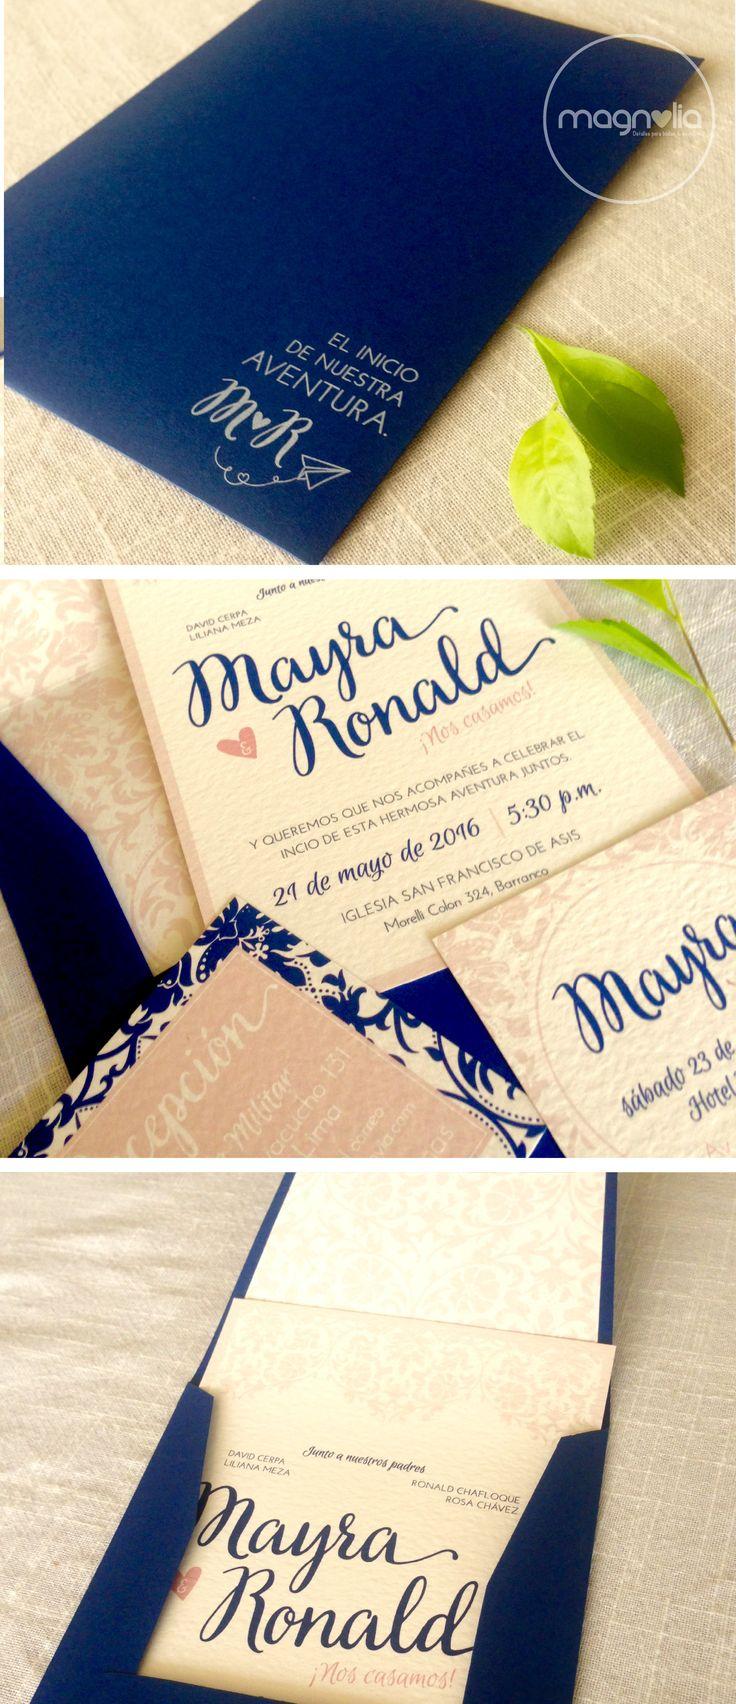 Invitaciones de boda en rose quarze & azul ¡bellas!  #rosequarze #invitacionesdeboda #vintage #azul #